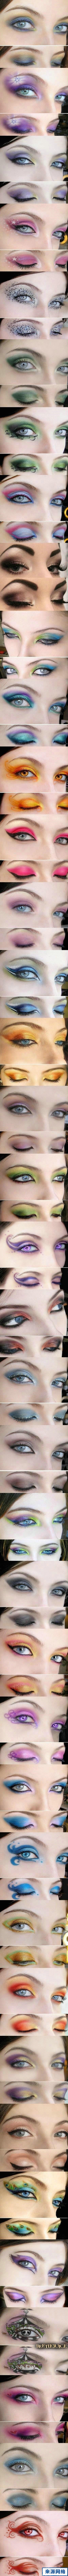 样化妆使眼睛变大 2011年流行眼妆 2011最新眼妆化法